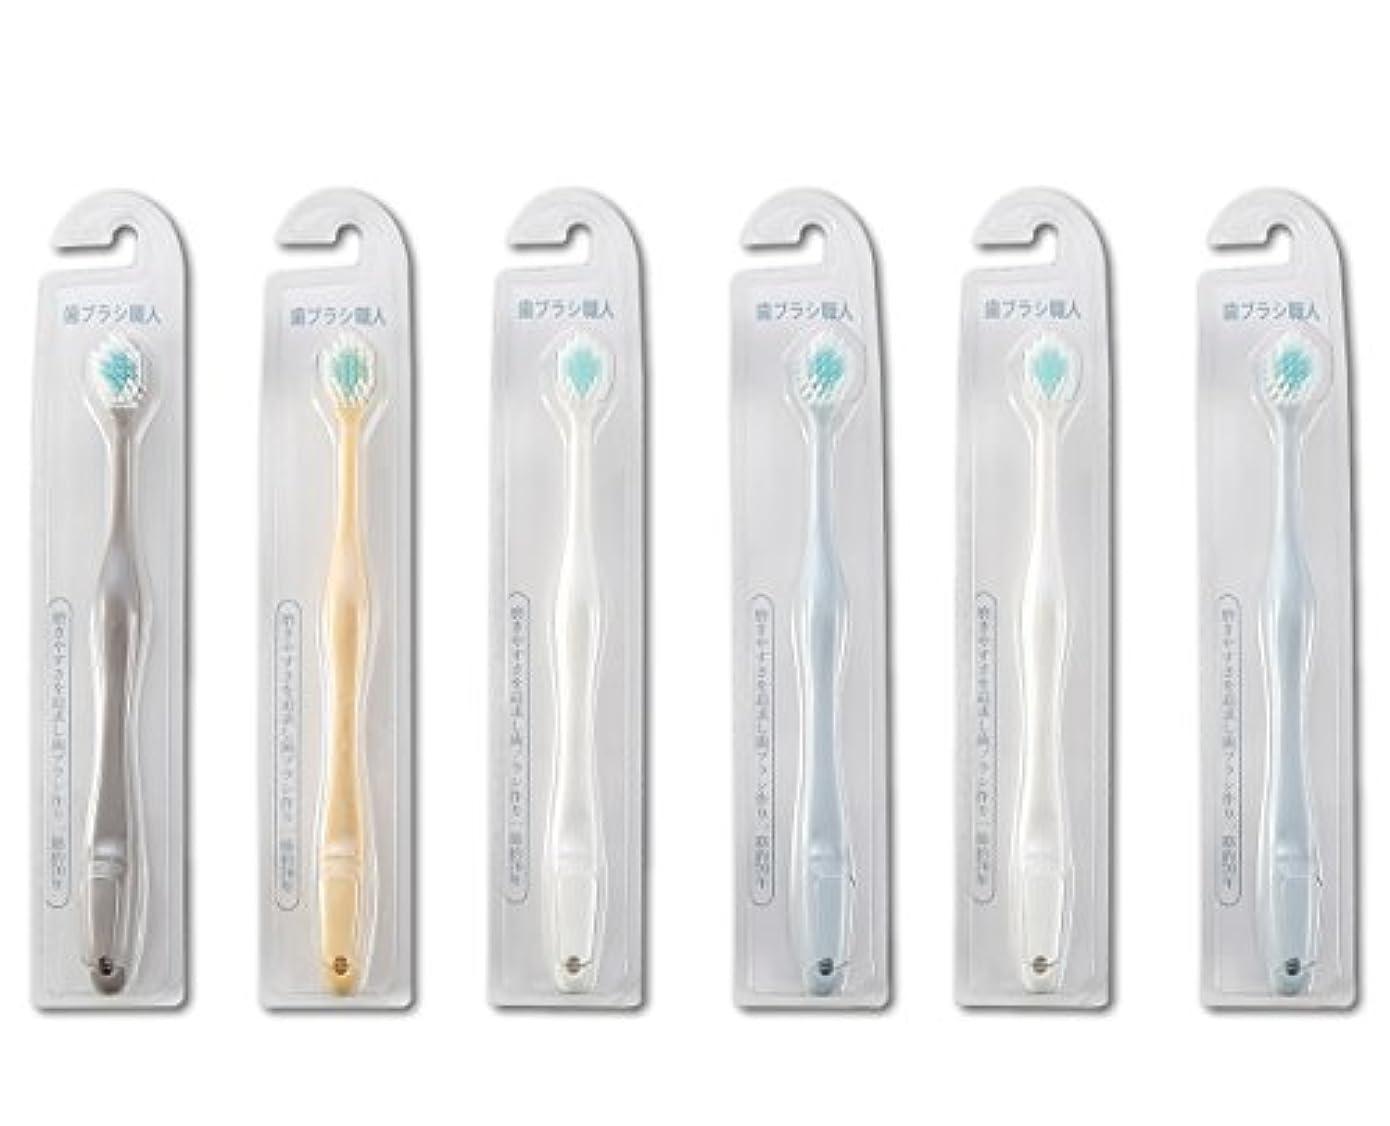 泥沼富チラチラする歯ブラシ職人Artooth ® 田辺重吉 磨きやすい歯ブラシ ワイド 6列レギュラー AT-30 (6本組)